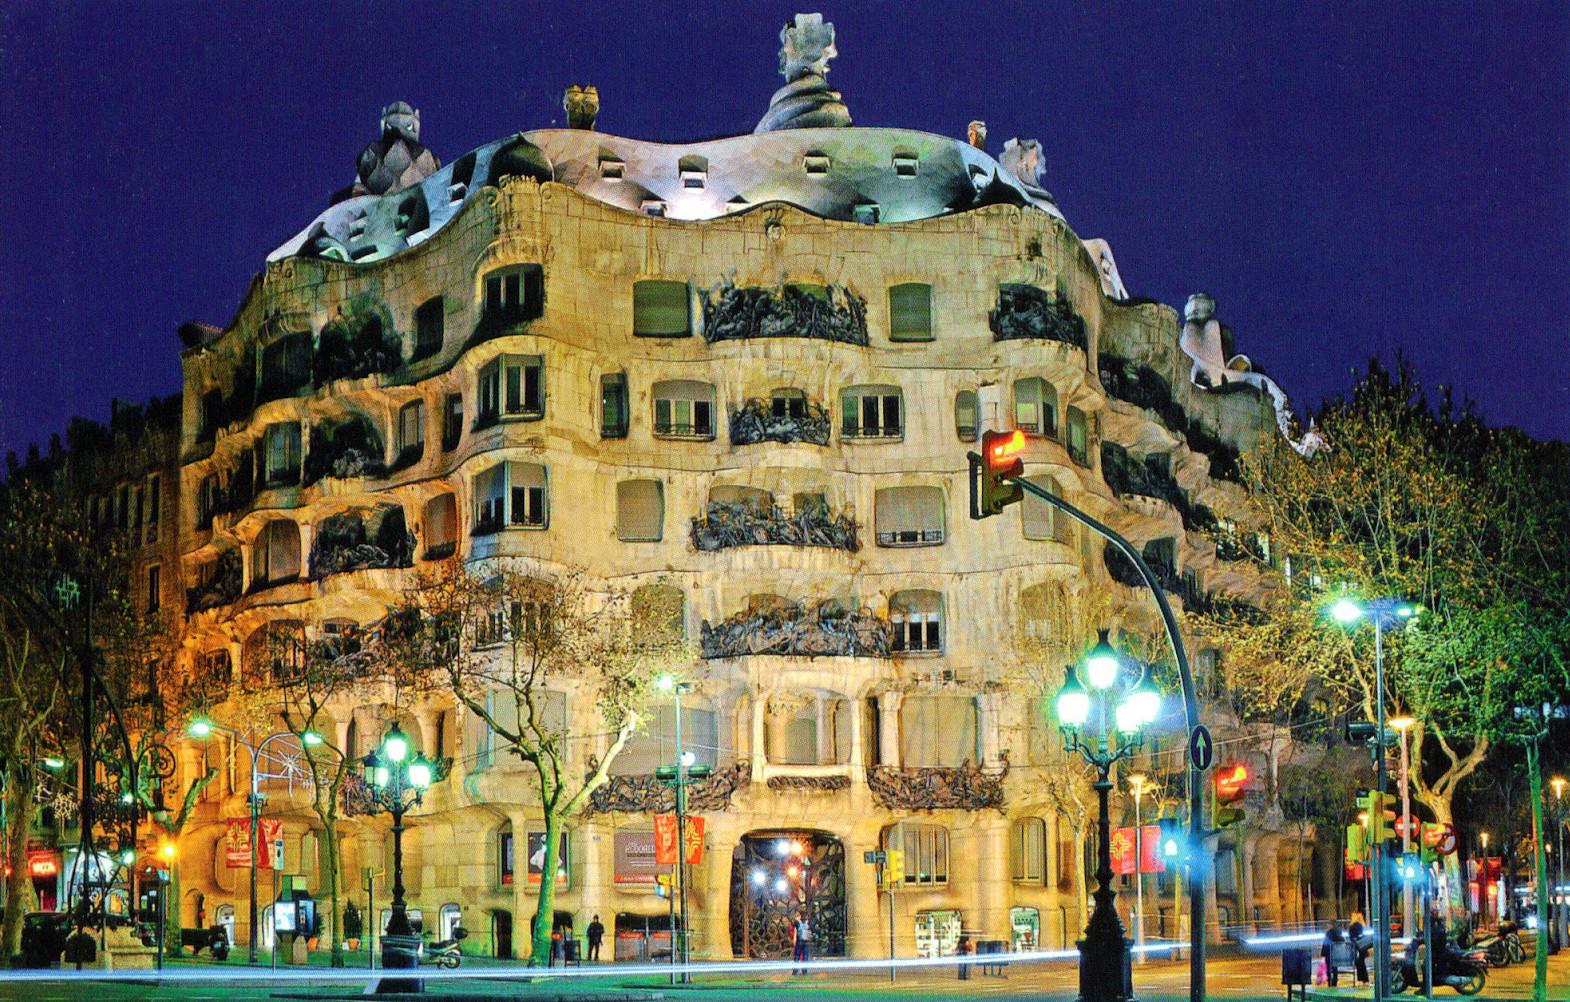 Barcelona gu a para visitar los lugares m s tur sticos de barcelona ciudad la pen nsula ib rica - Casas de musica en barcelona ...